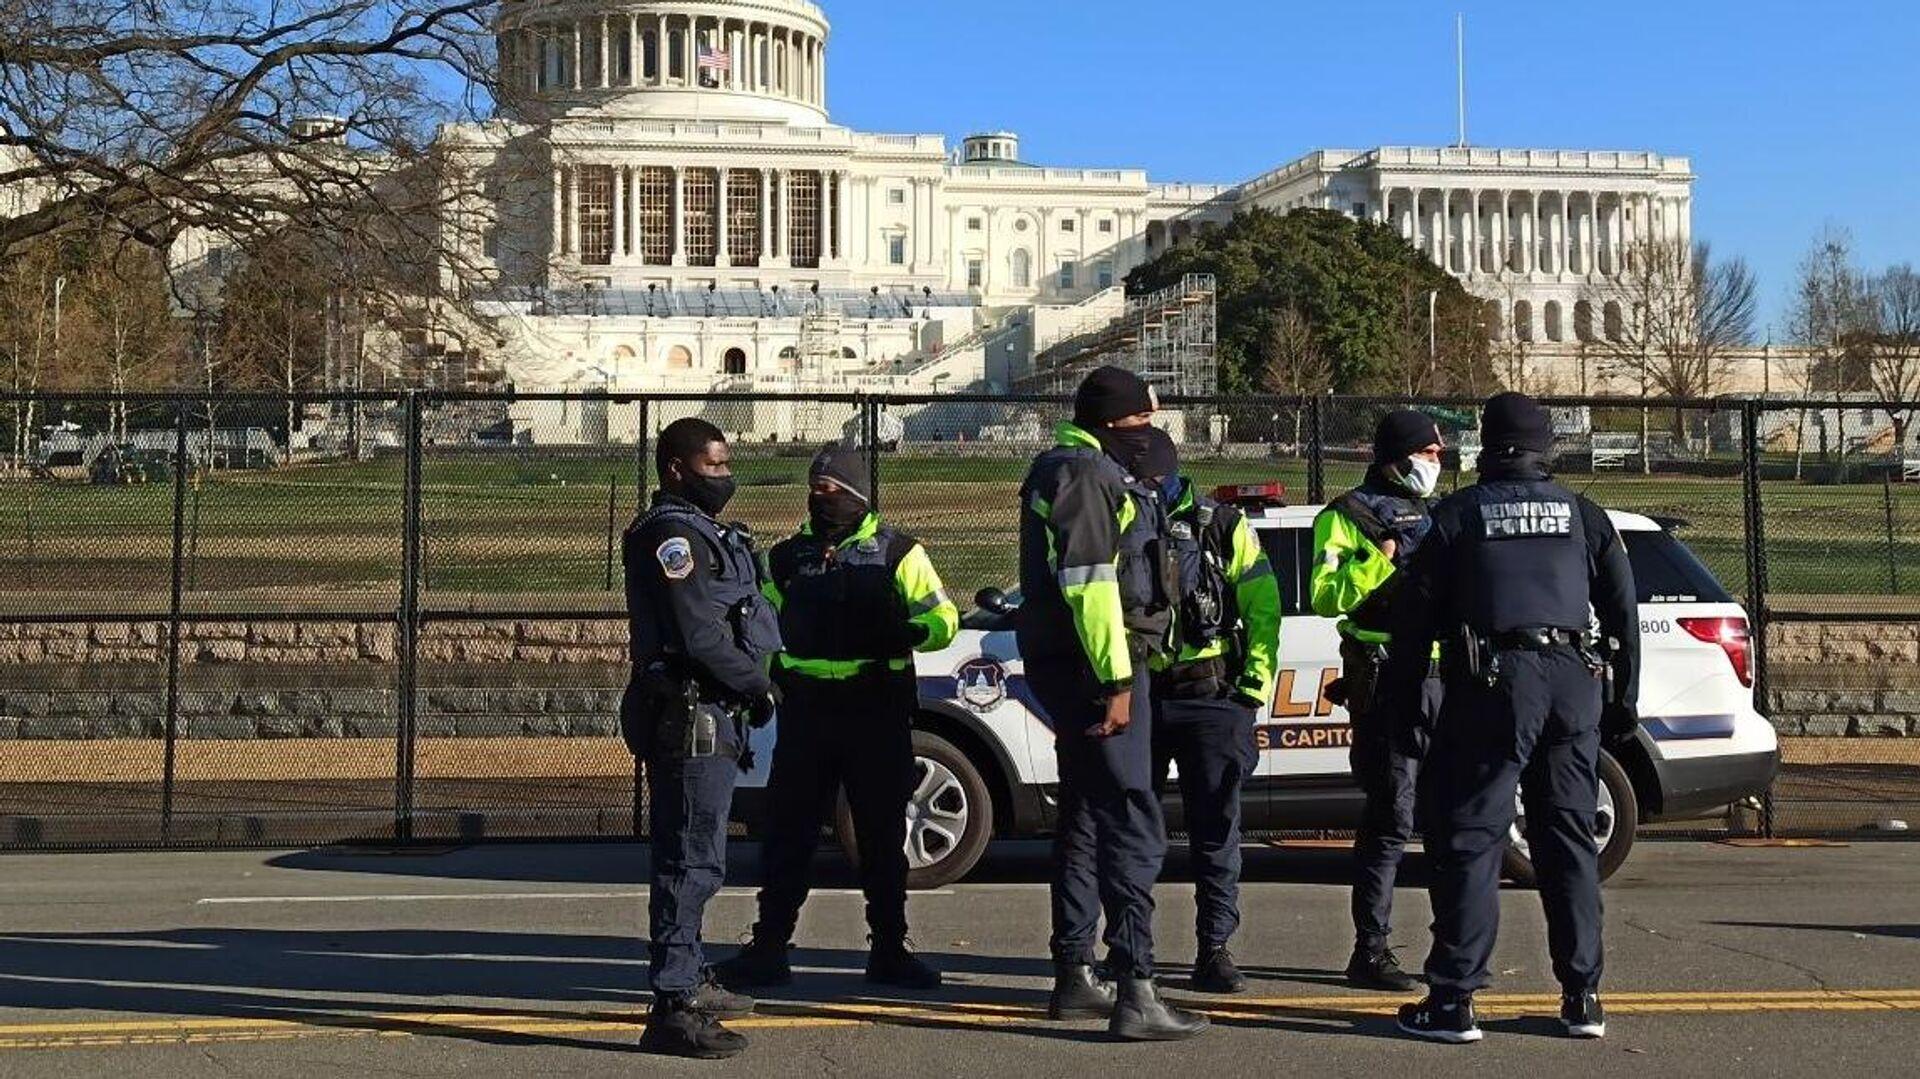 Сотрудники правоохранительных органов на Капитолийском холме в Вашингтоне - РИА Новости, 1920, 09.01.2021